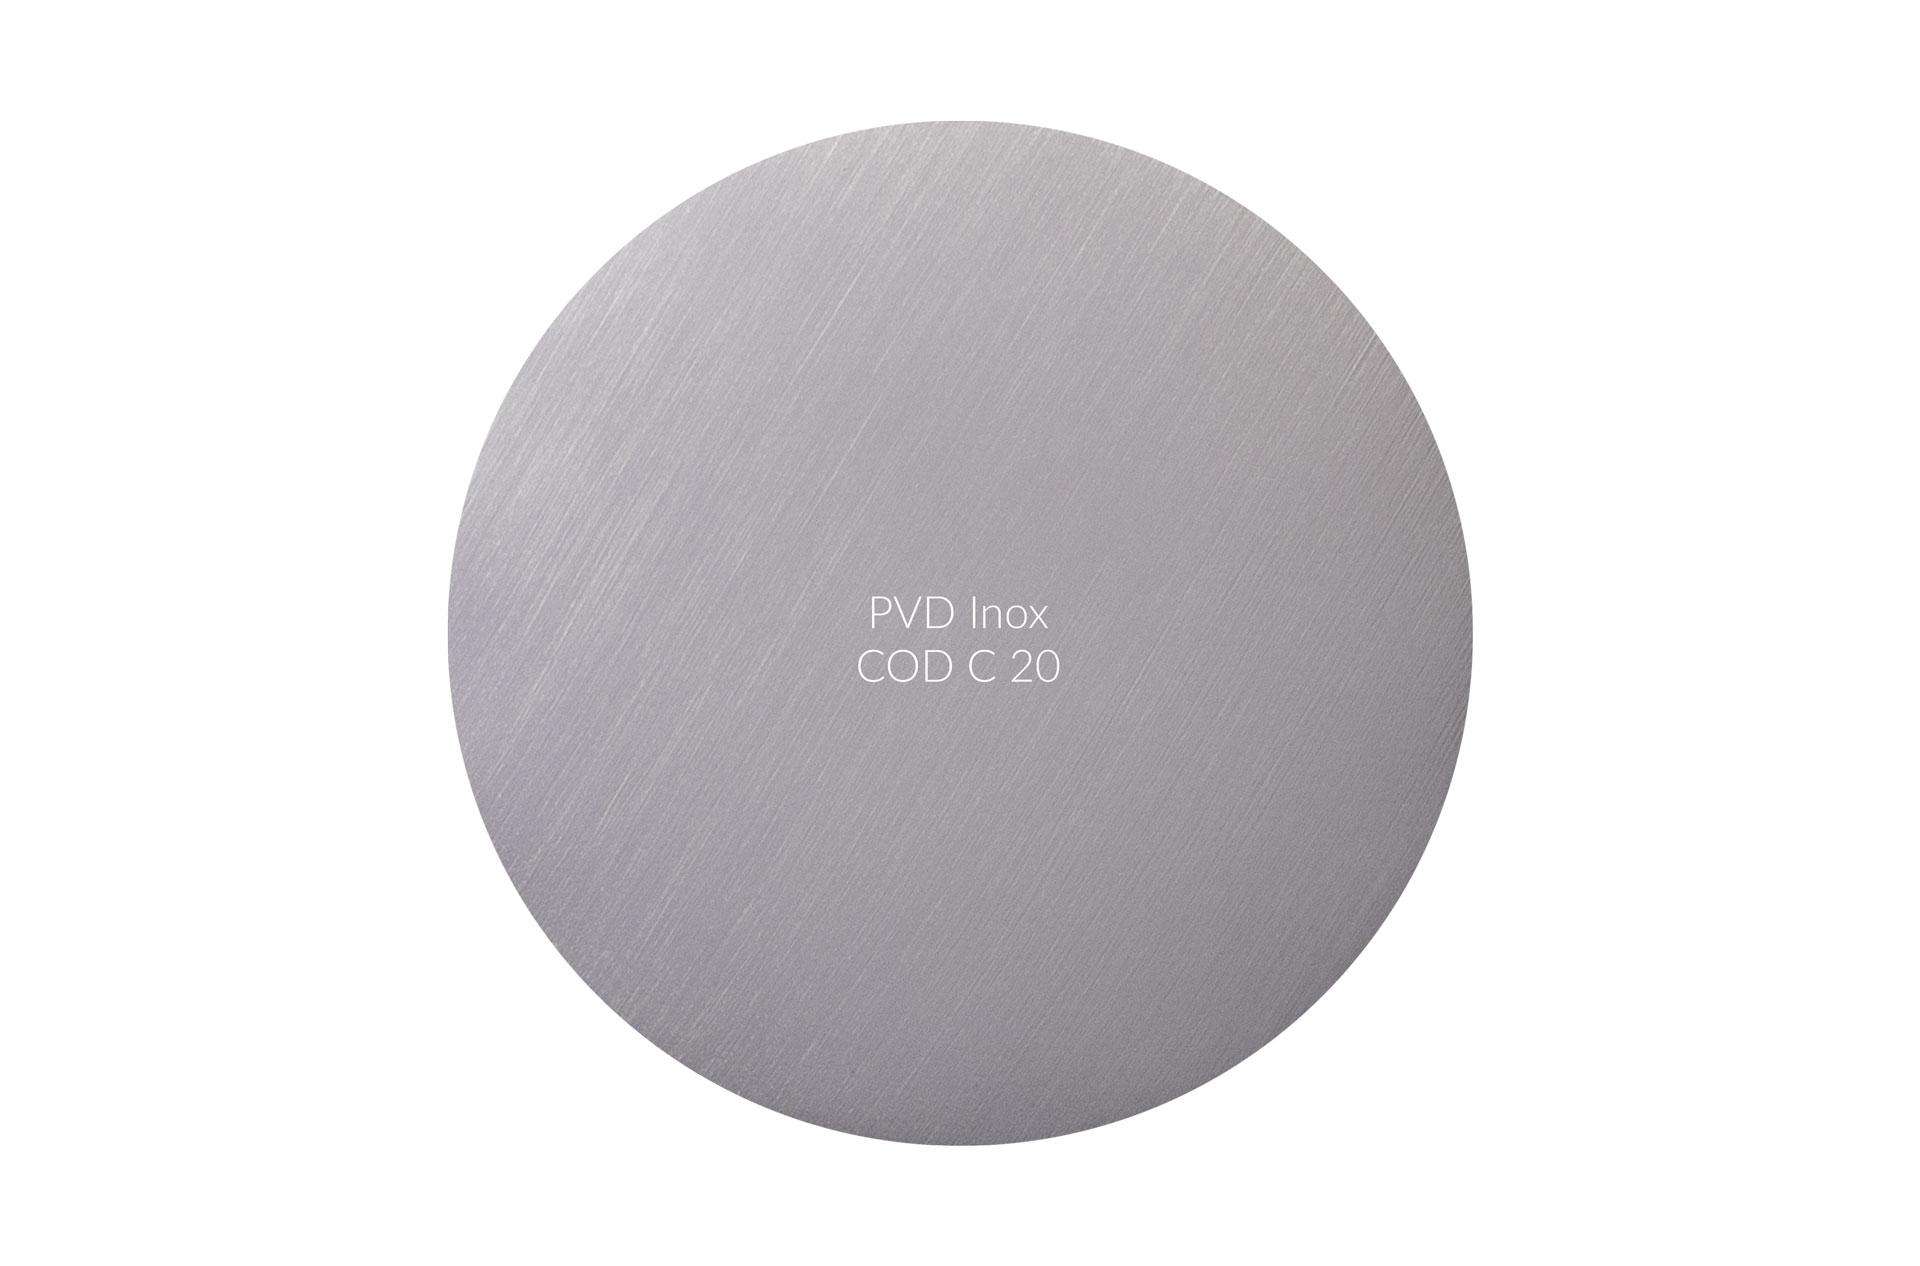 Dischetto PVD inox cod C 20 graffiato